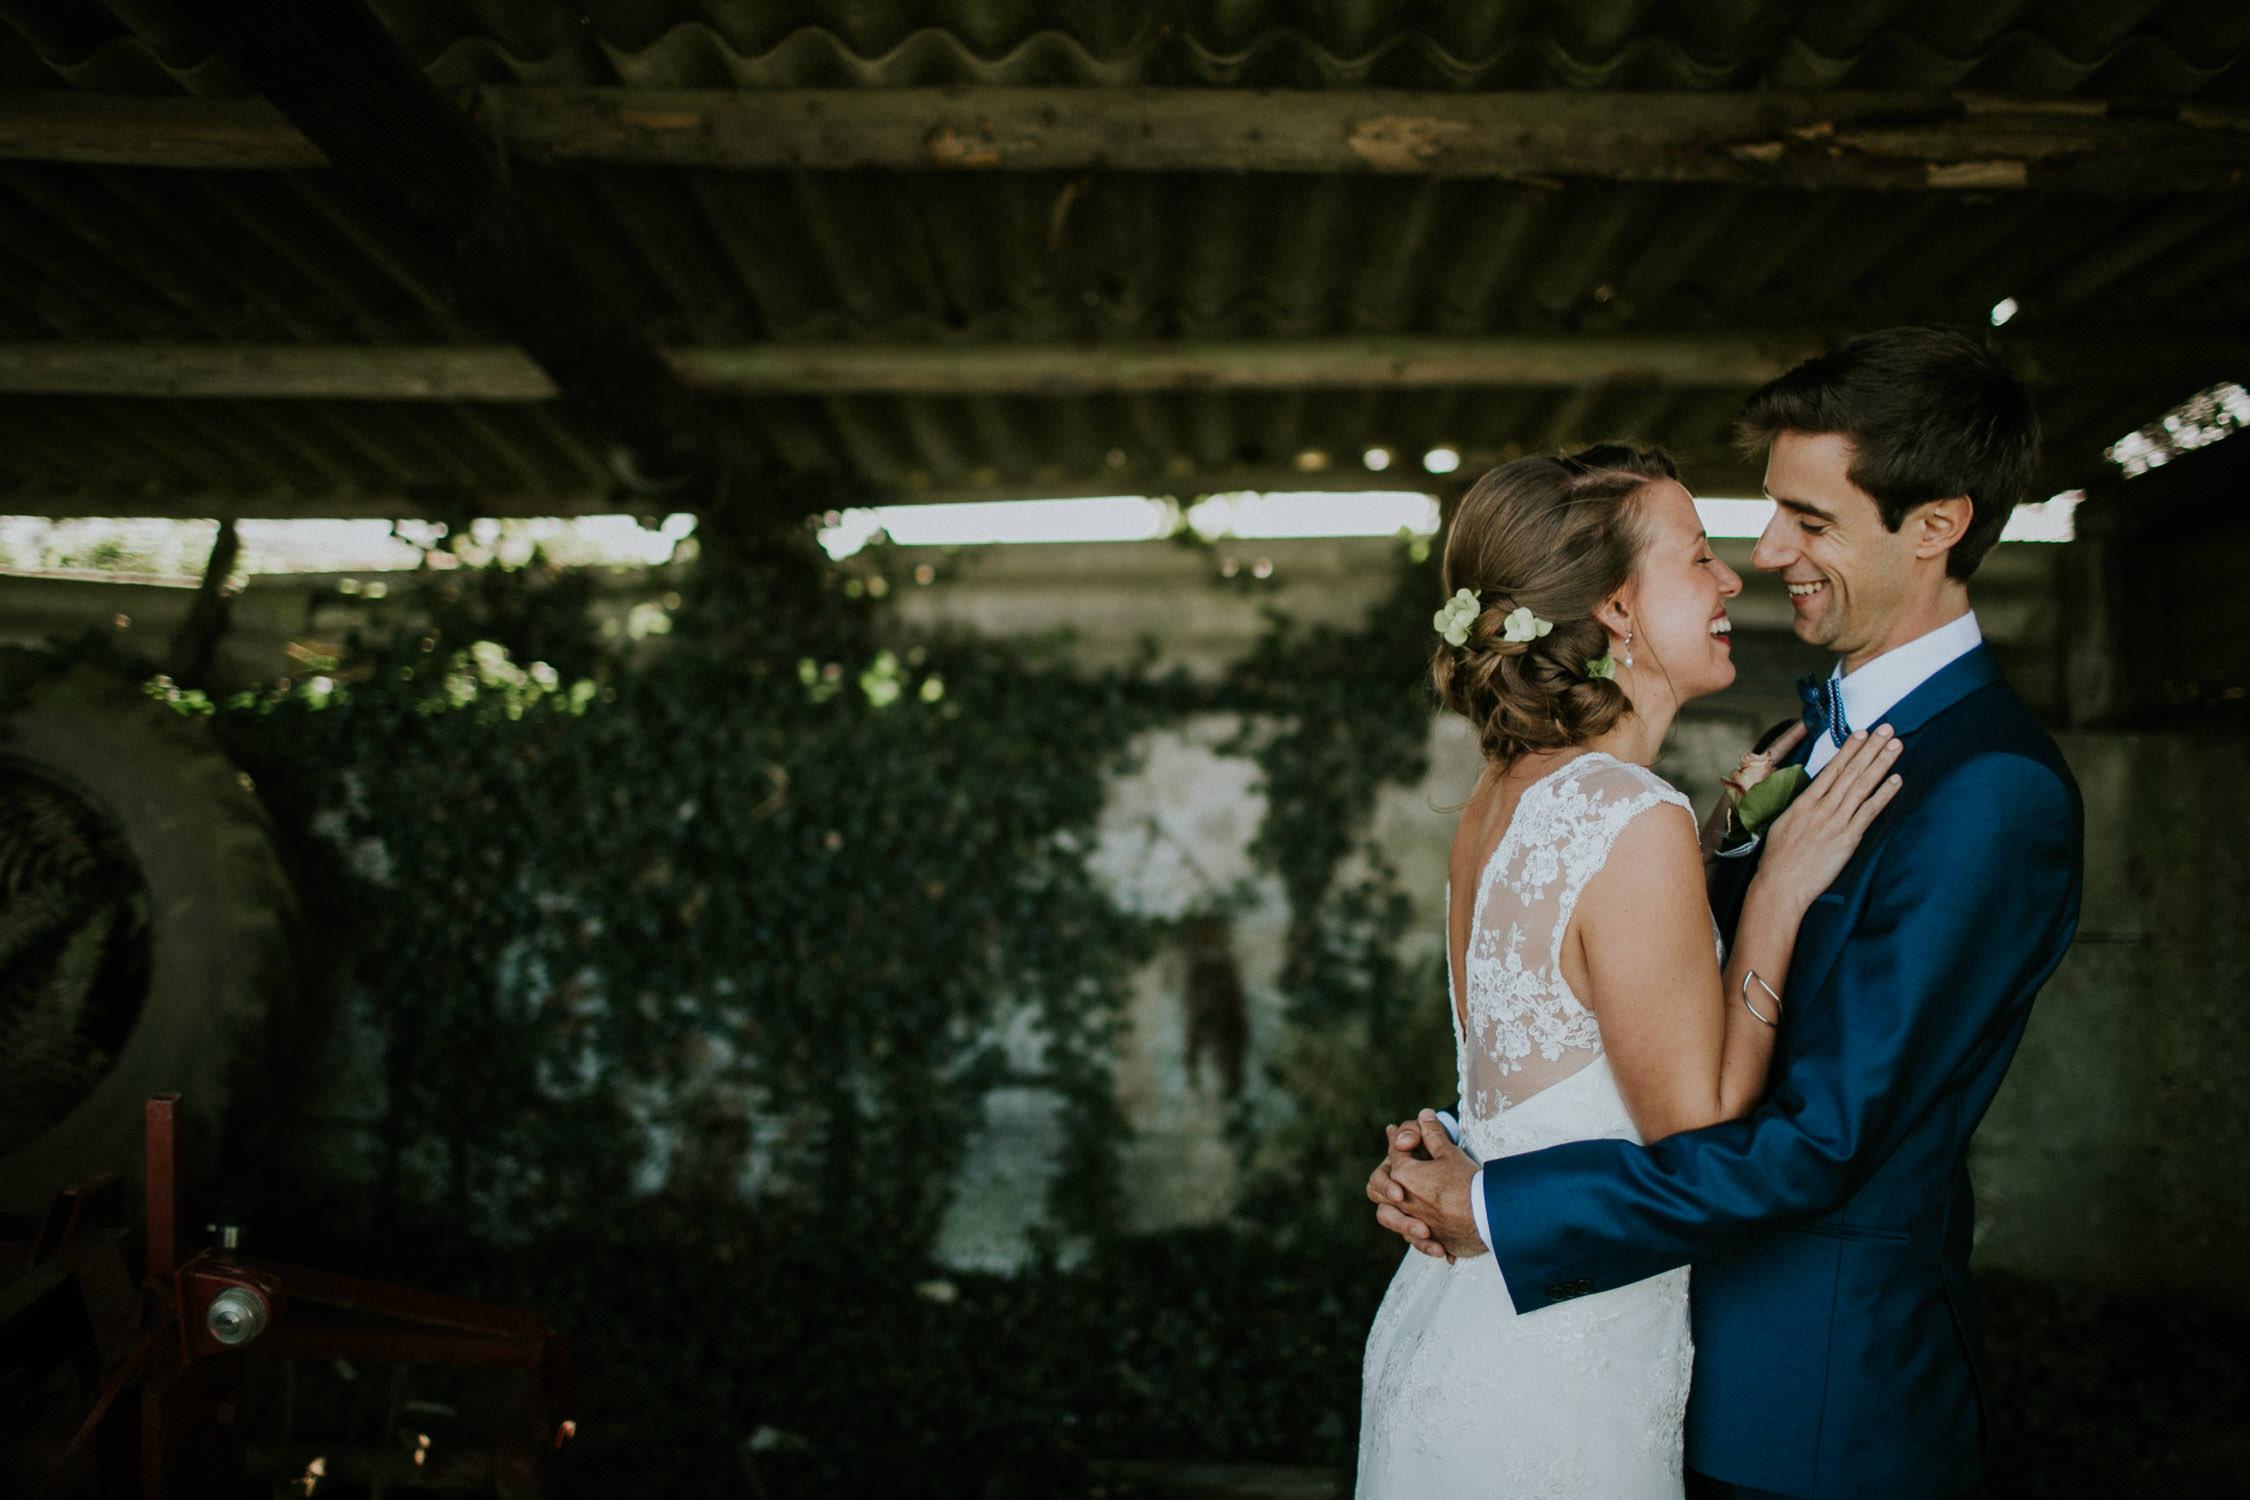 Huwelijksfoto's in schuur